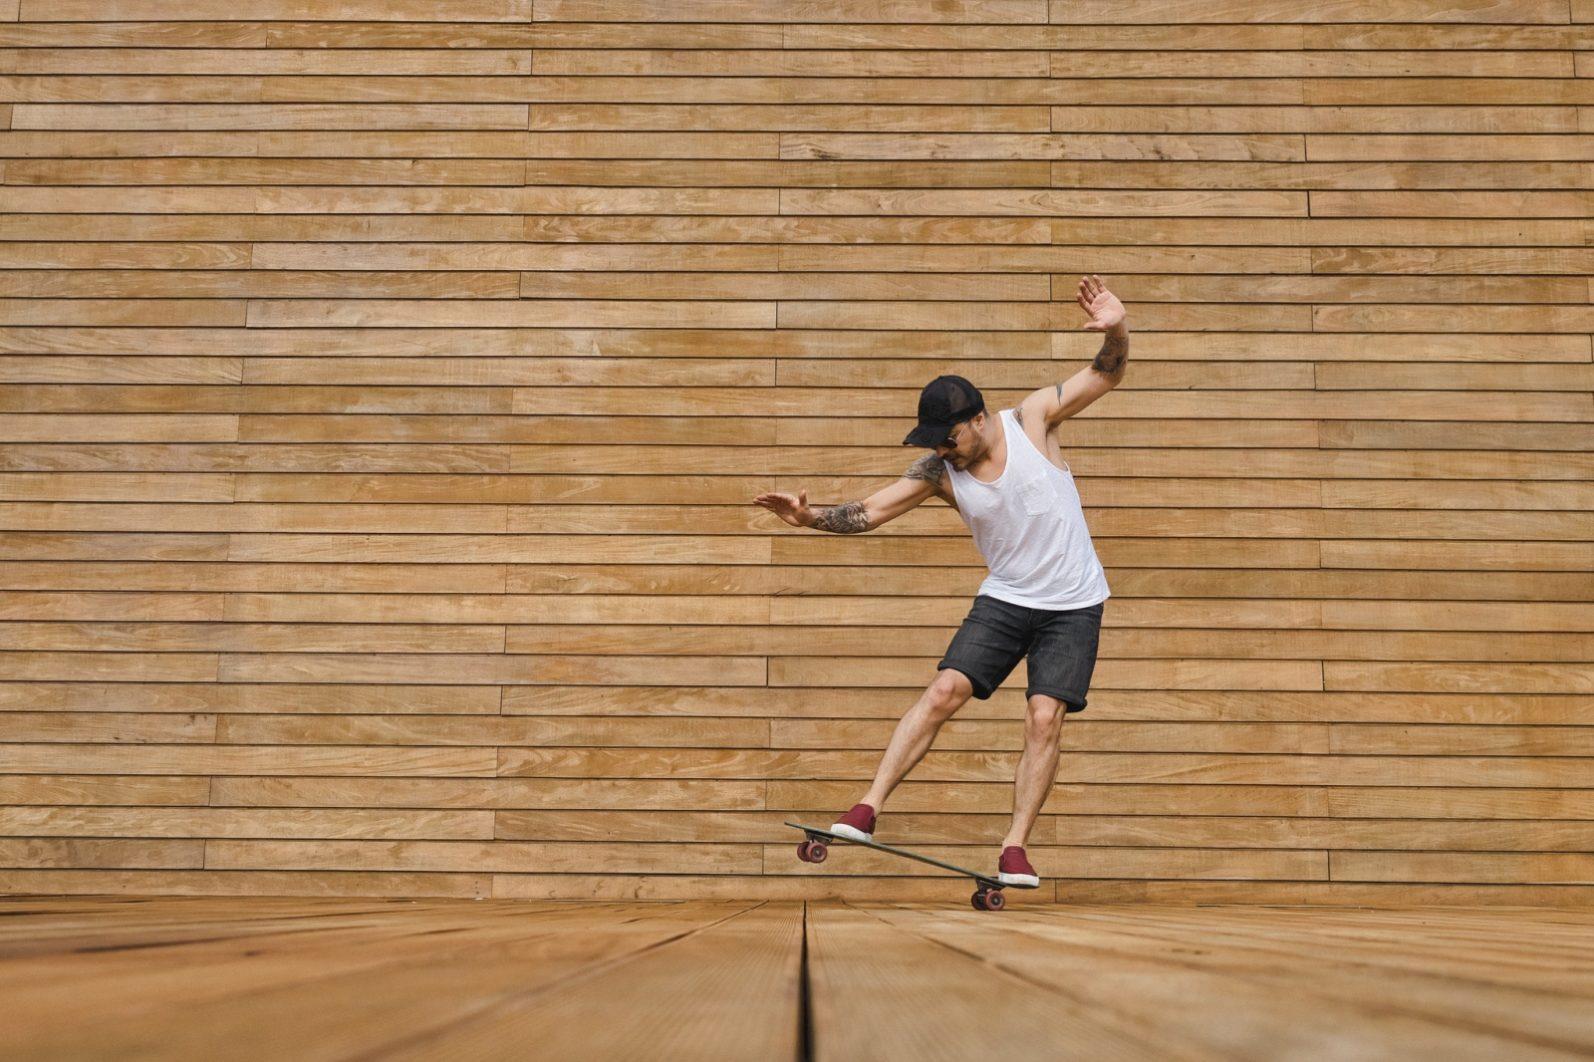 Skateboarder In Poland